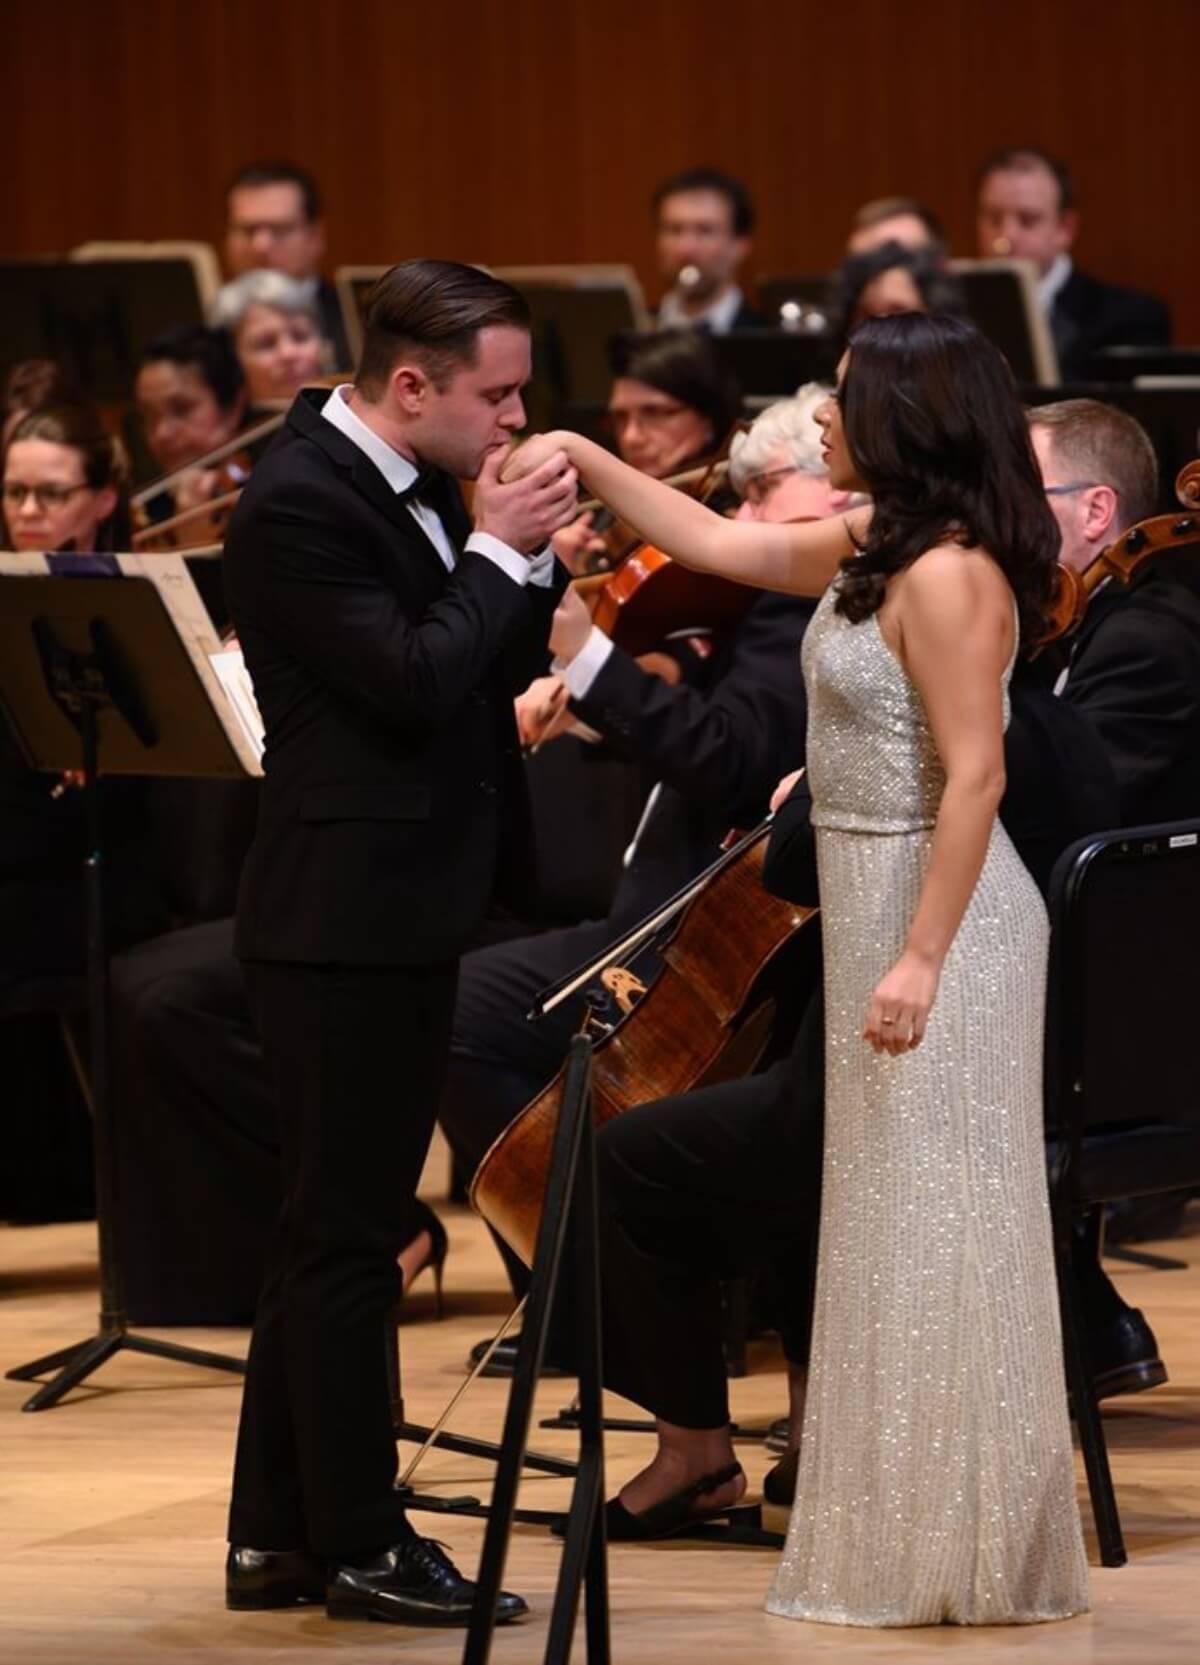 Marcel d'Entremont et Ana-Paula Cullingham-Malagon chantaient un duo extrait de Roméo et Juliette, 26e Gala des Ambassadeurs lyriques